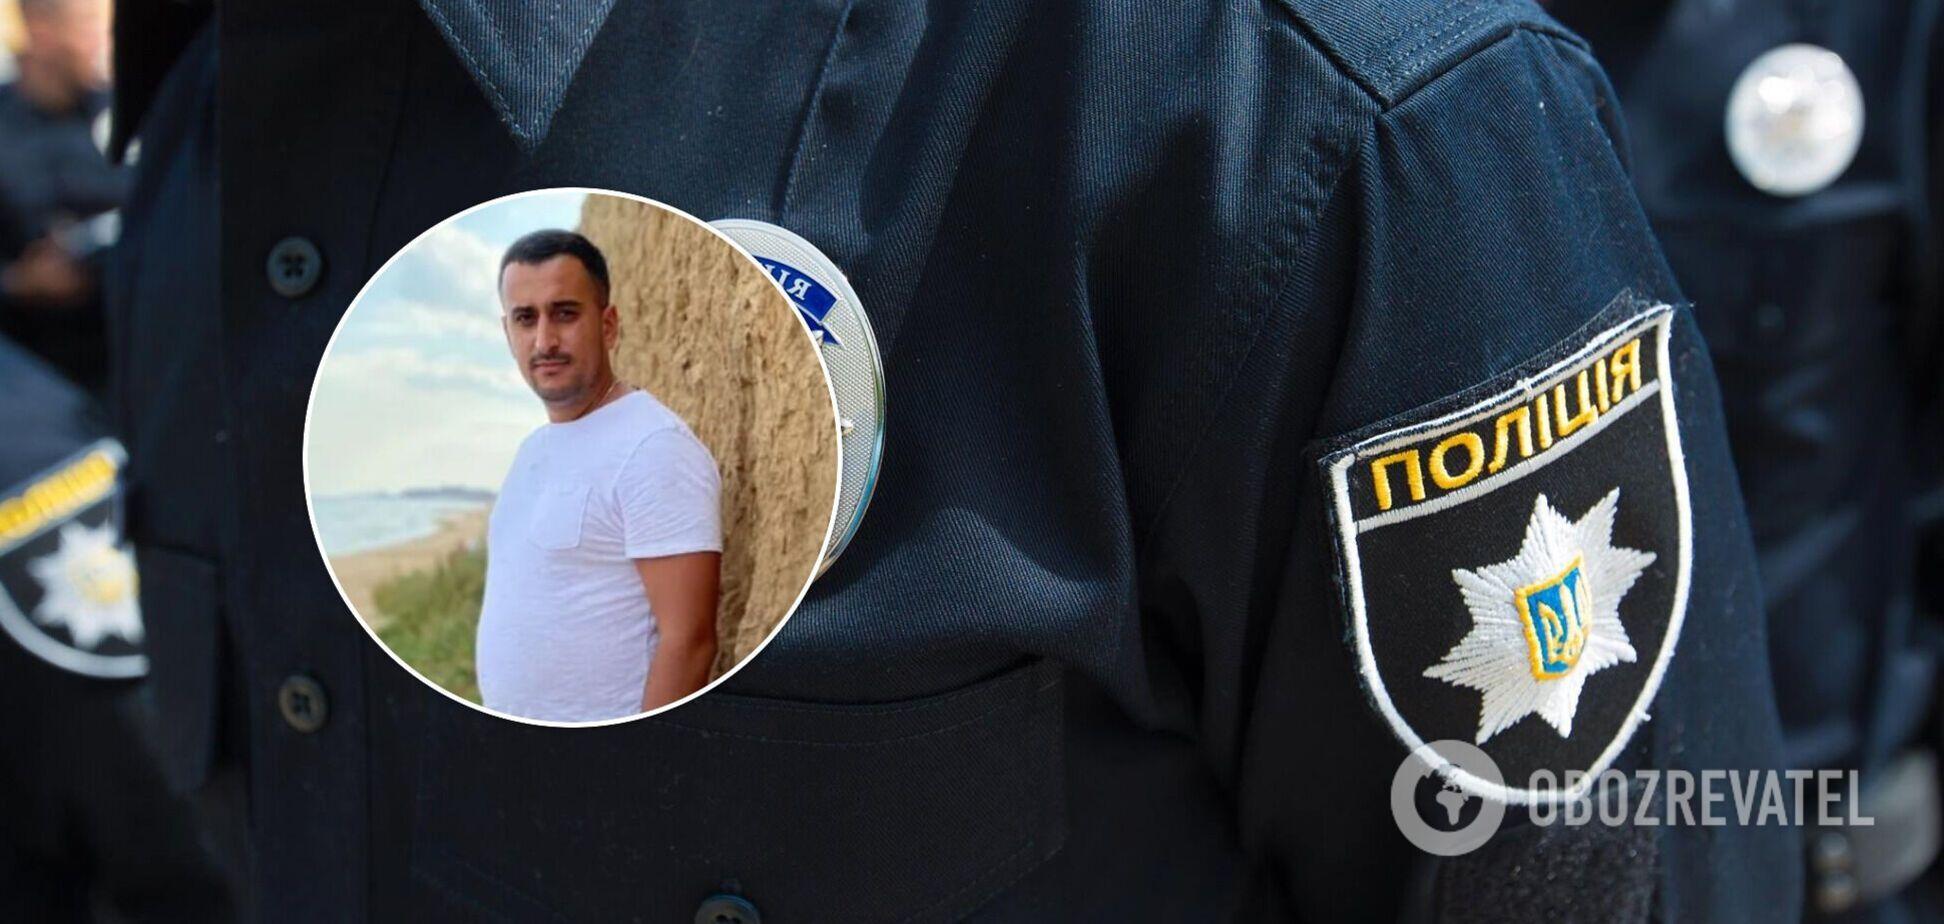 На місці були патрульні: з'явилося нове відео побиття поліцейських у Чернігові